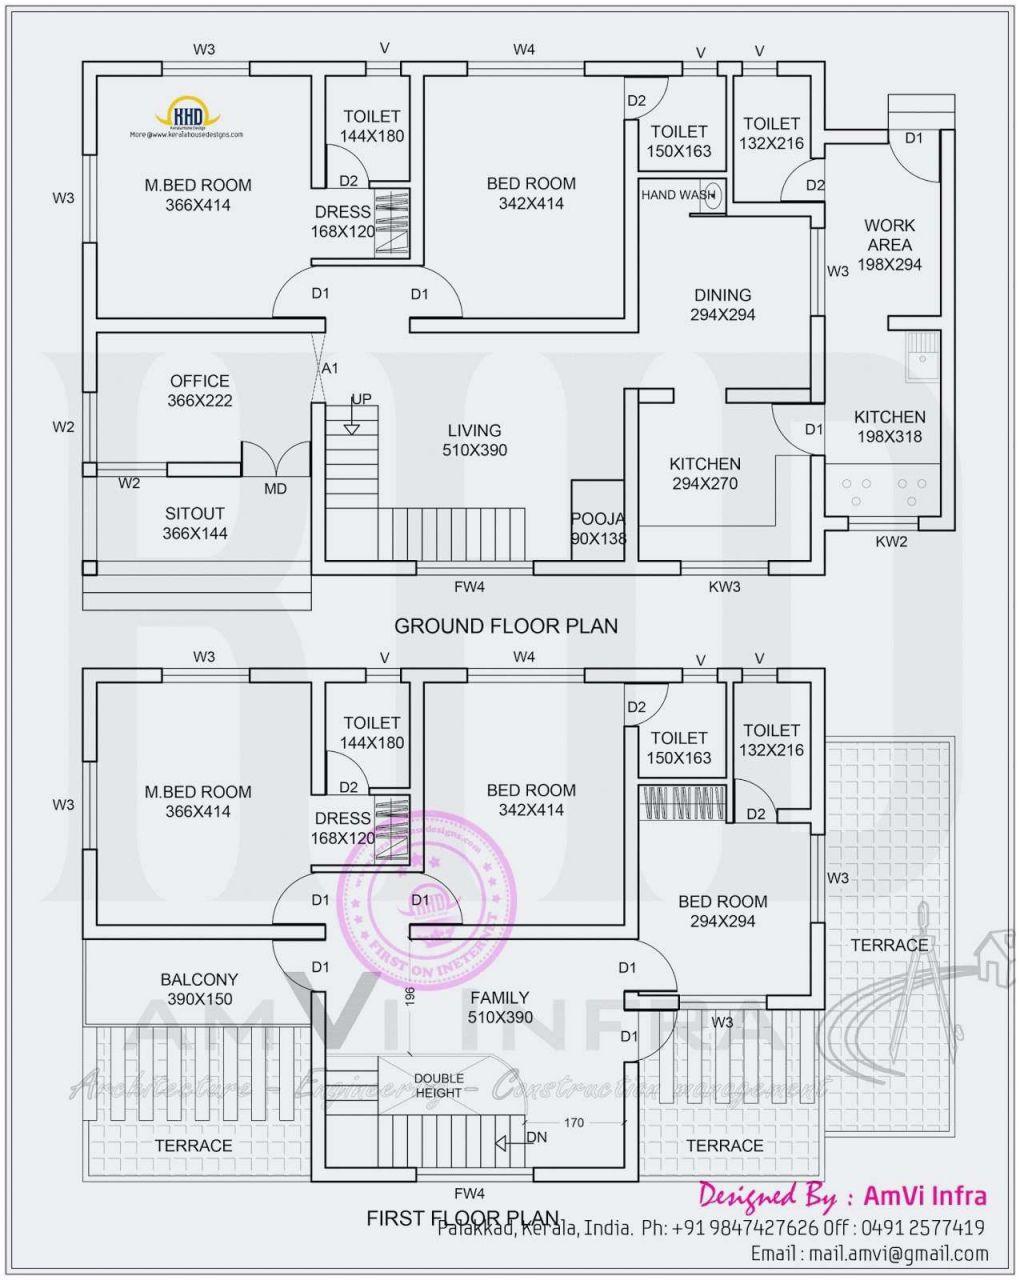 20 Modern 5 Bedroom House Plans 2019 Kerala House Design Home Design Floor Plans Bedroom Floor Plans